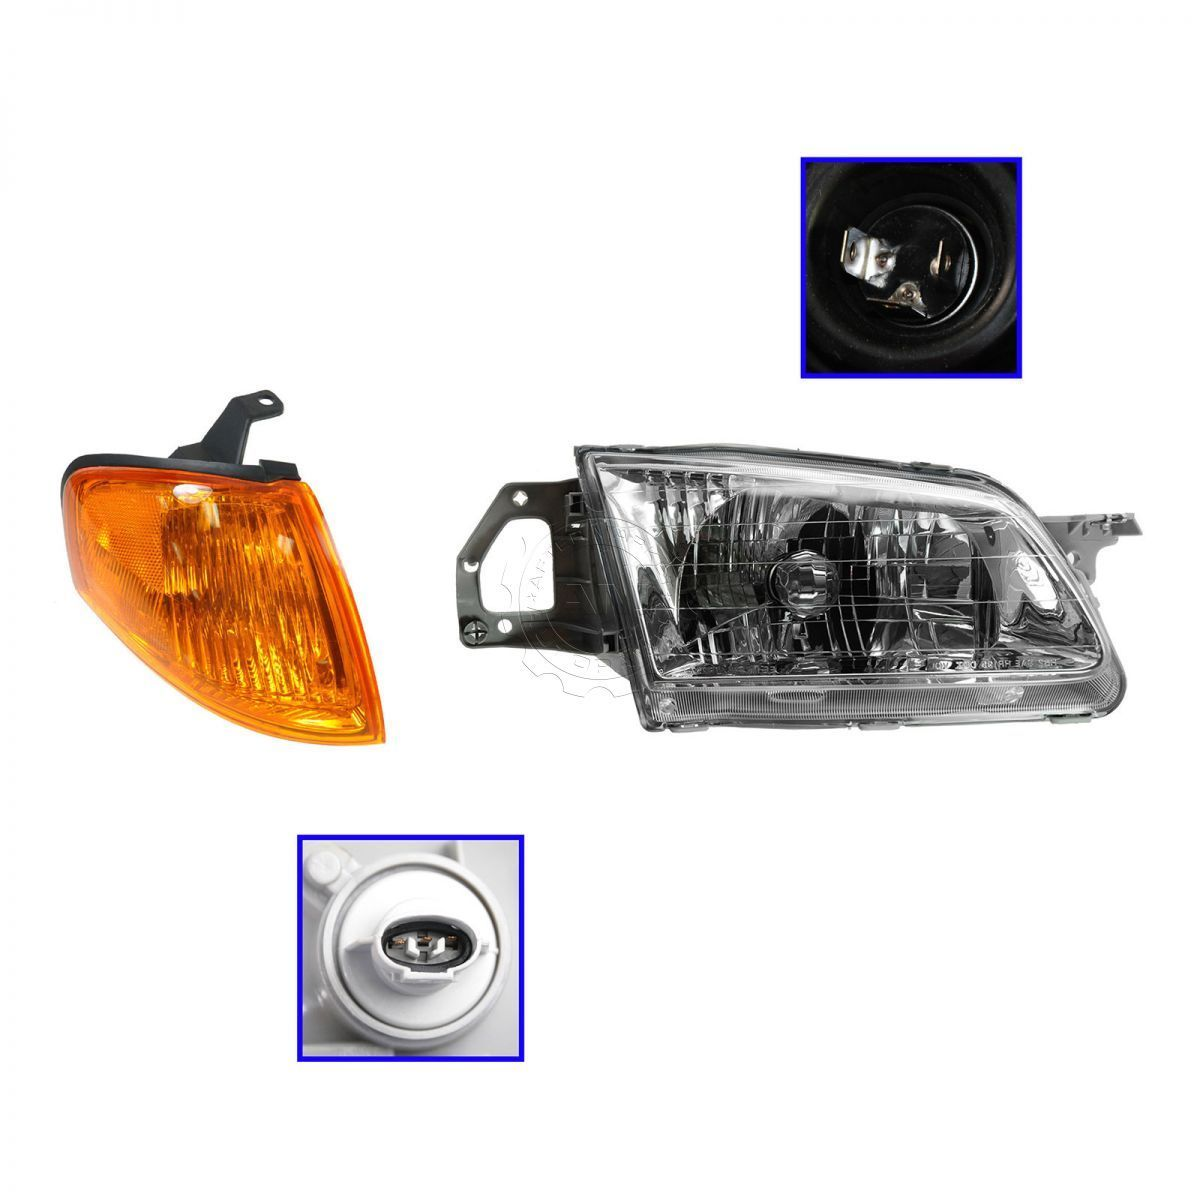 コーナーライト Headlight Lamp Corner Turn Signal RH Passenger Side for 99-00 Mazda Protege ヘッドライトランプコーナーターンシグナルRH 99-00マツダプロテーゼのための乗客側